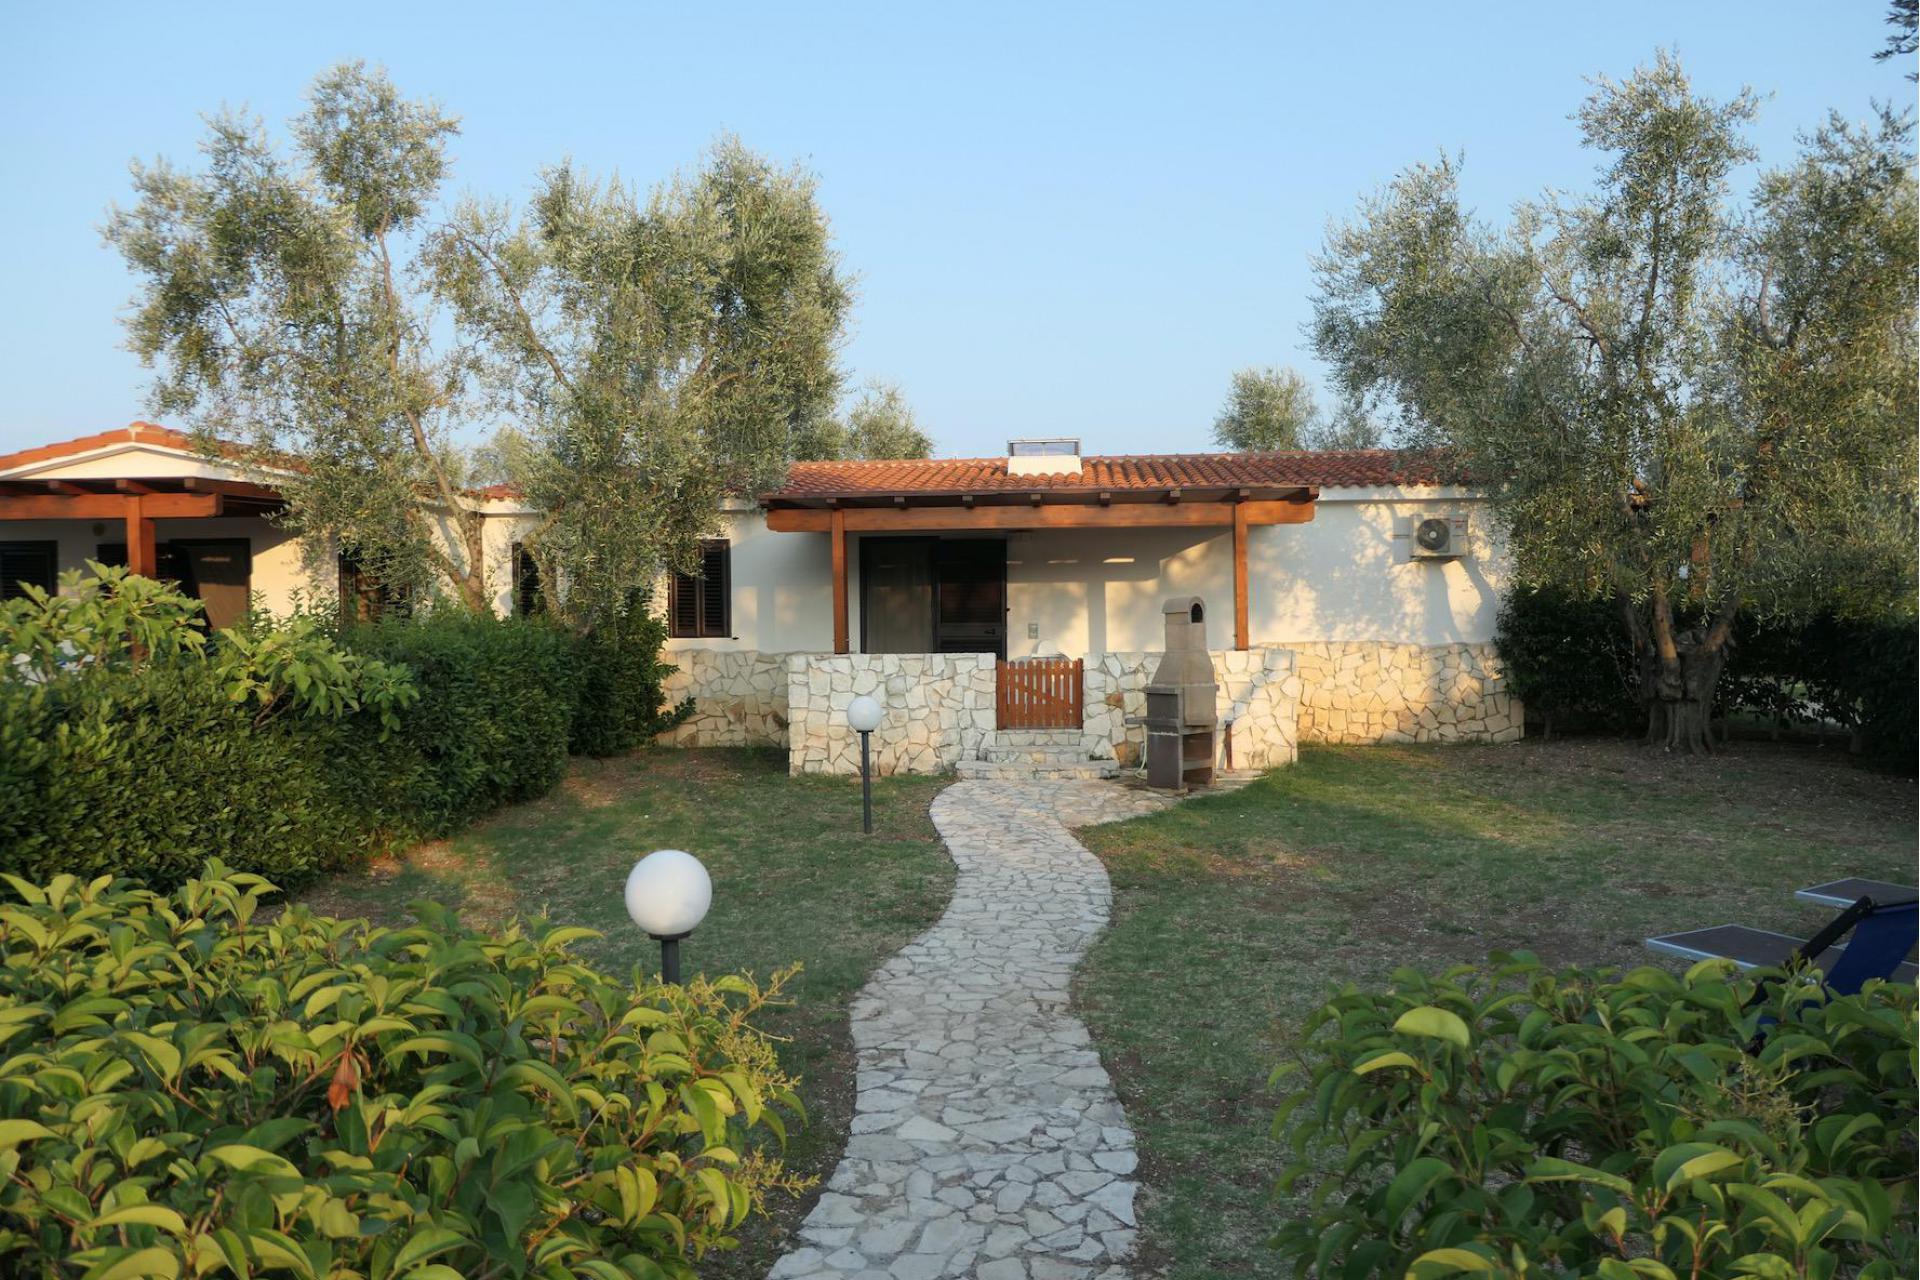 Agriturismo Puglia Agriturismo in Puglia vicino al mare e alla spiaggia